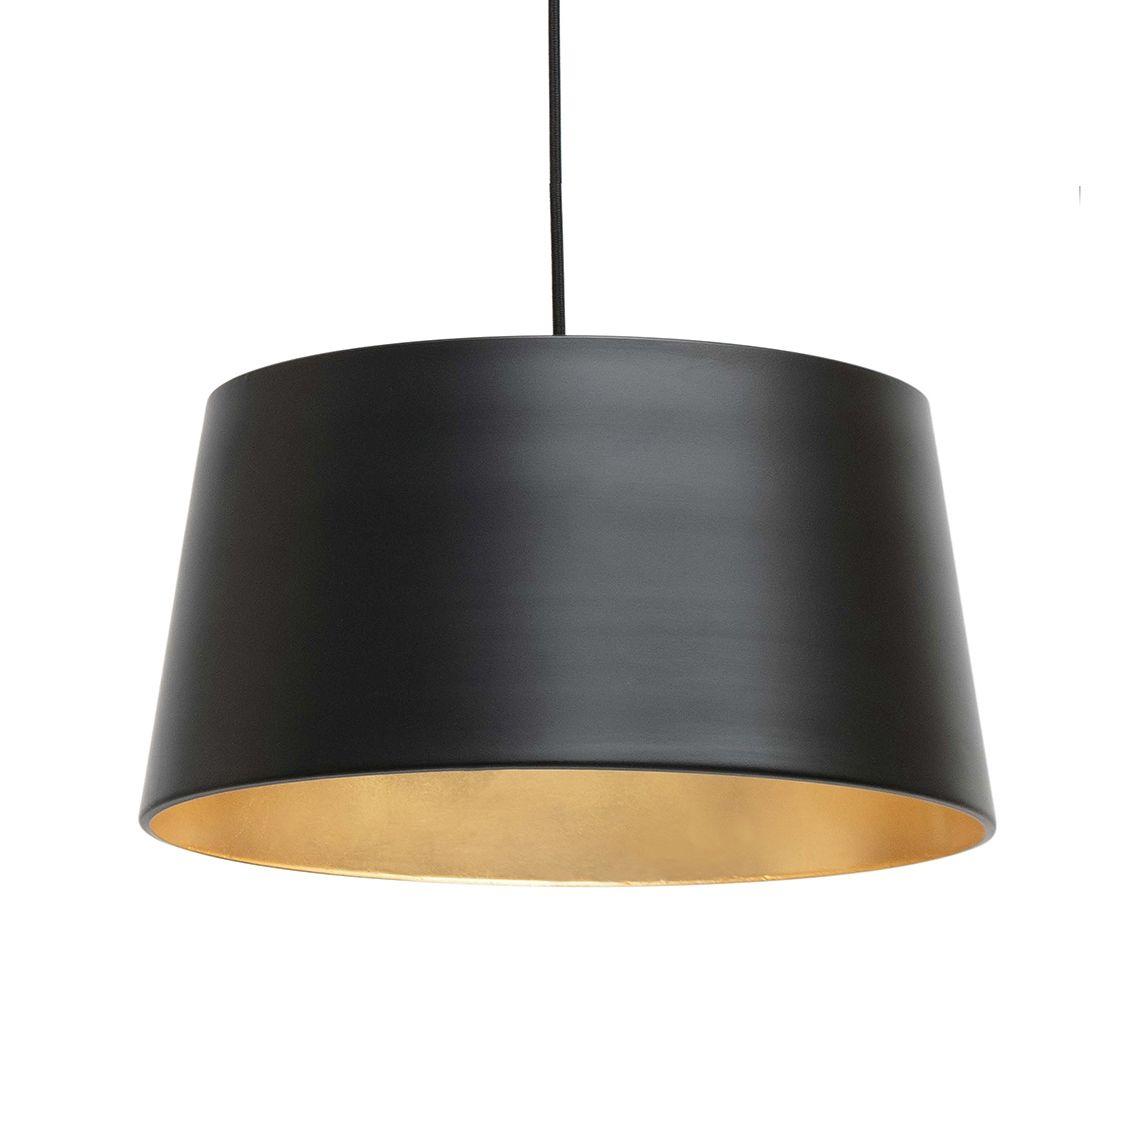 Pien hanglamp Woood